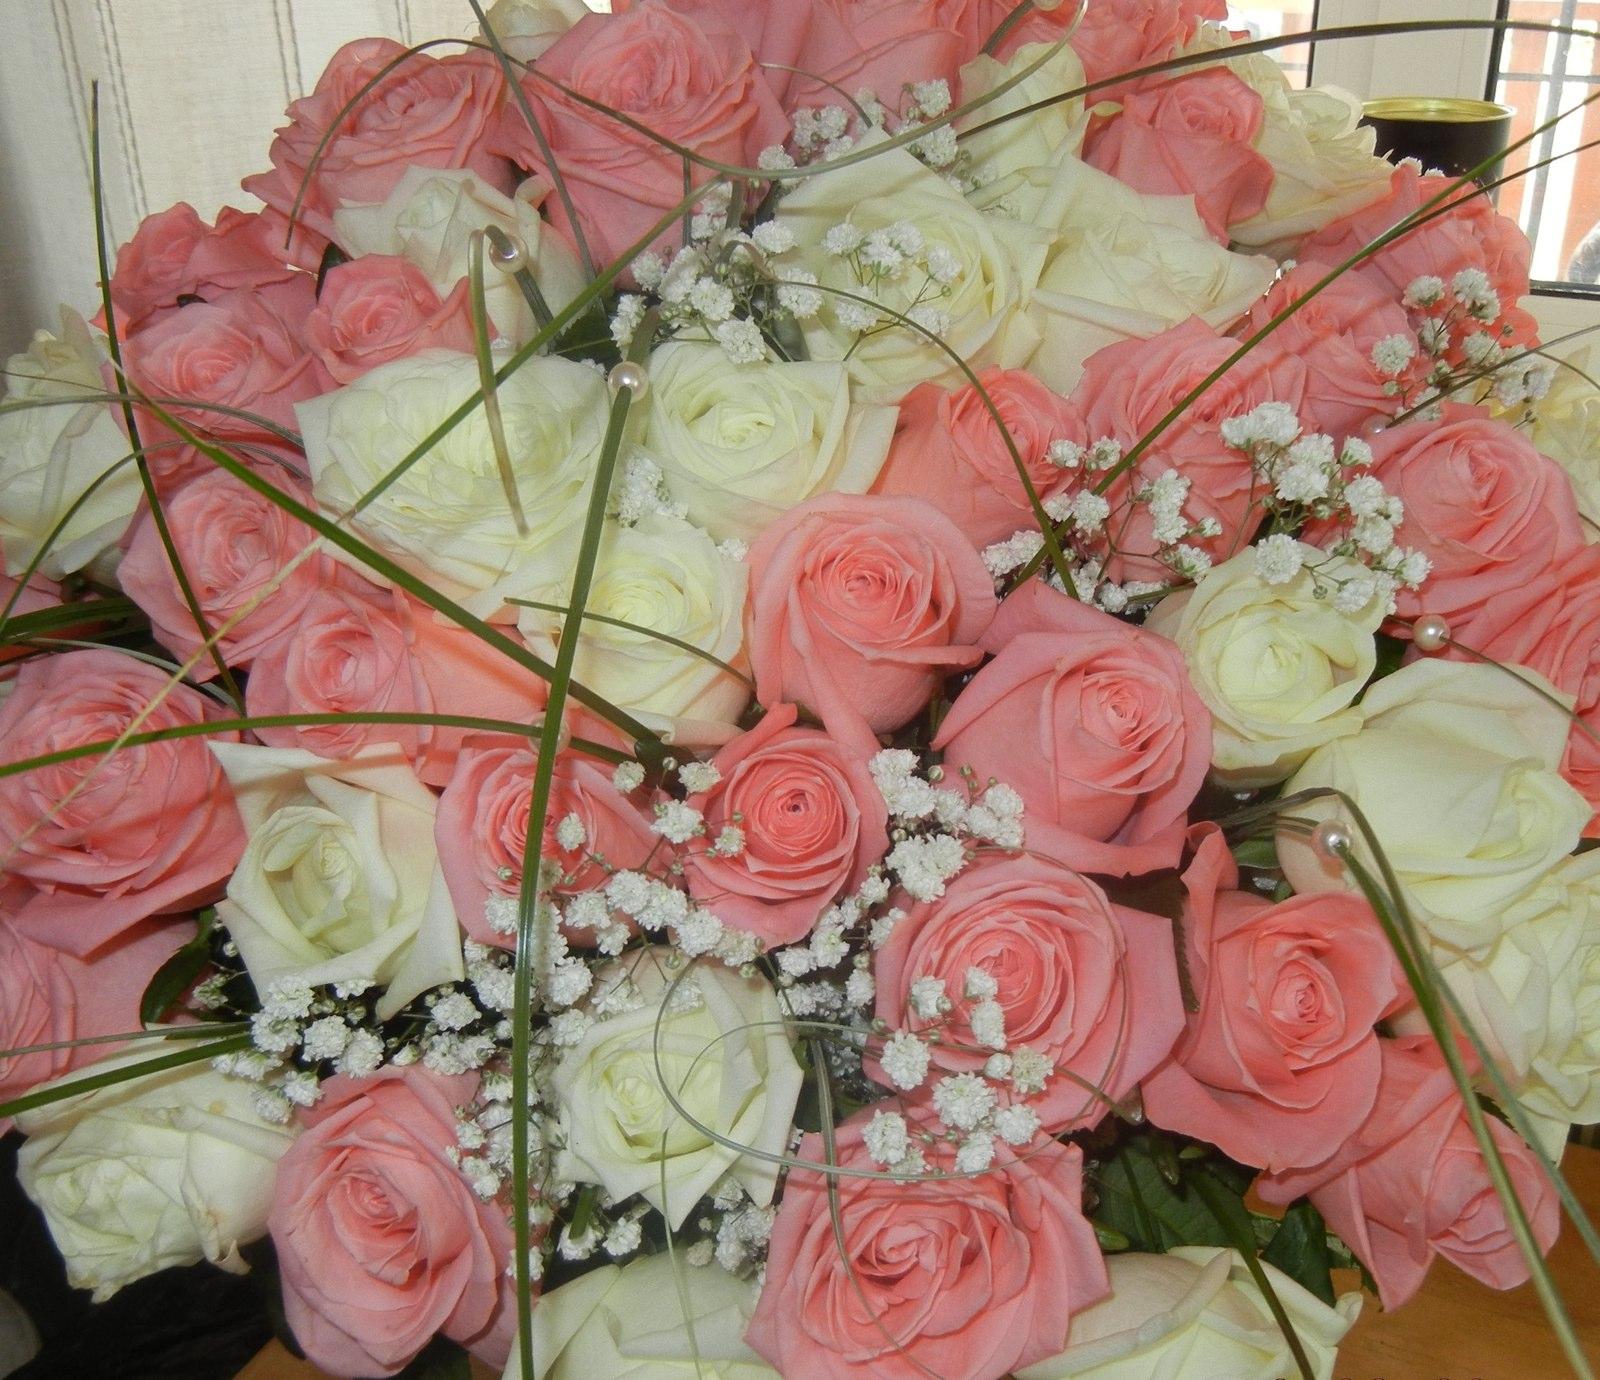 Где купить оптом цветы барнаул, фуксию воронеже купить